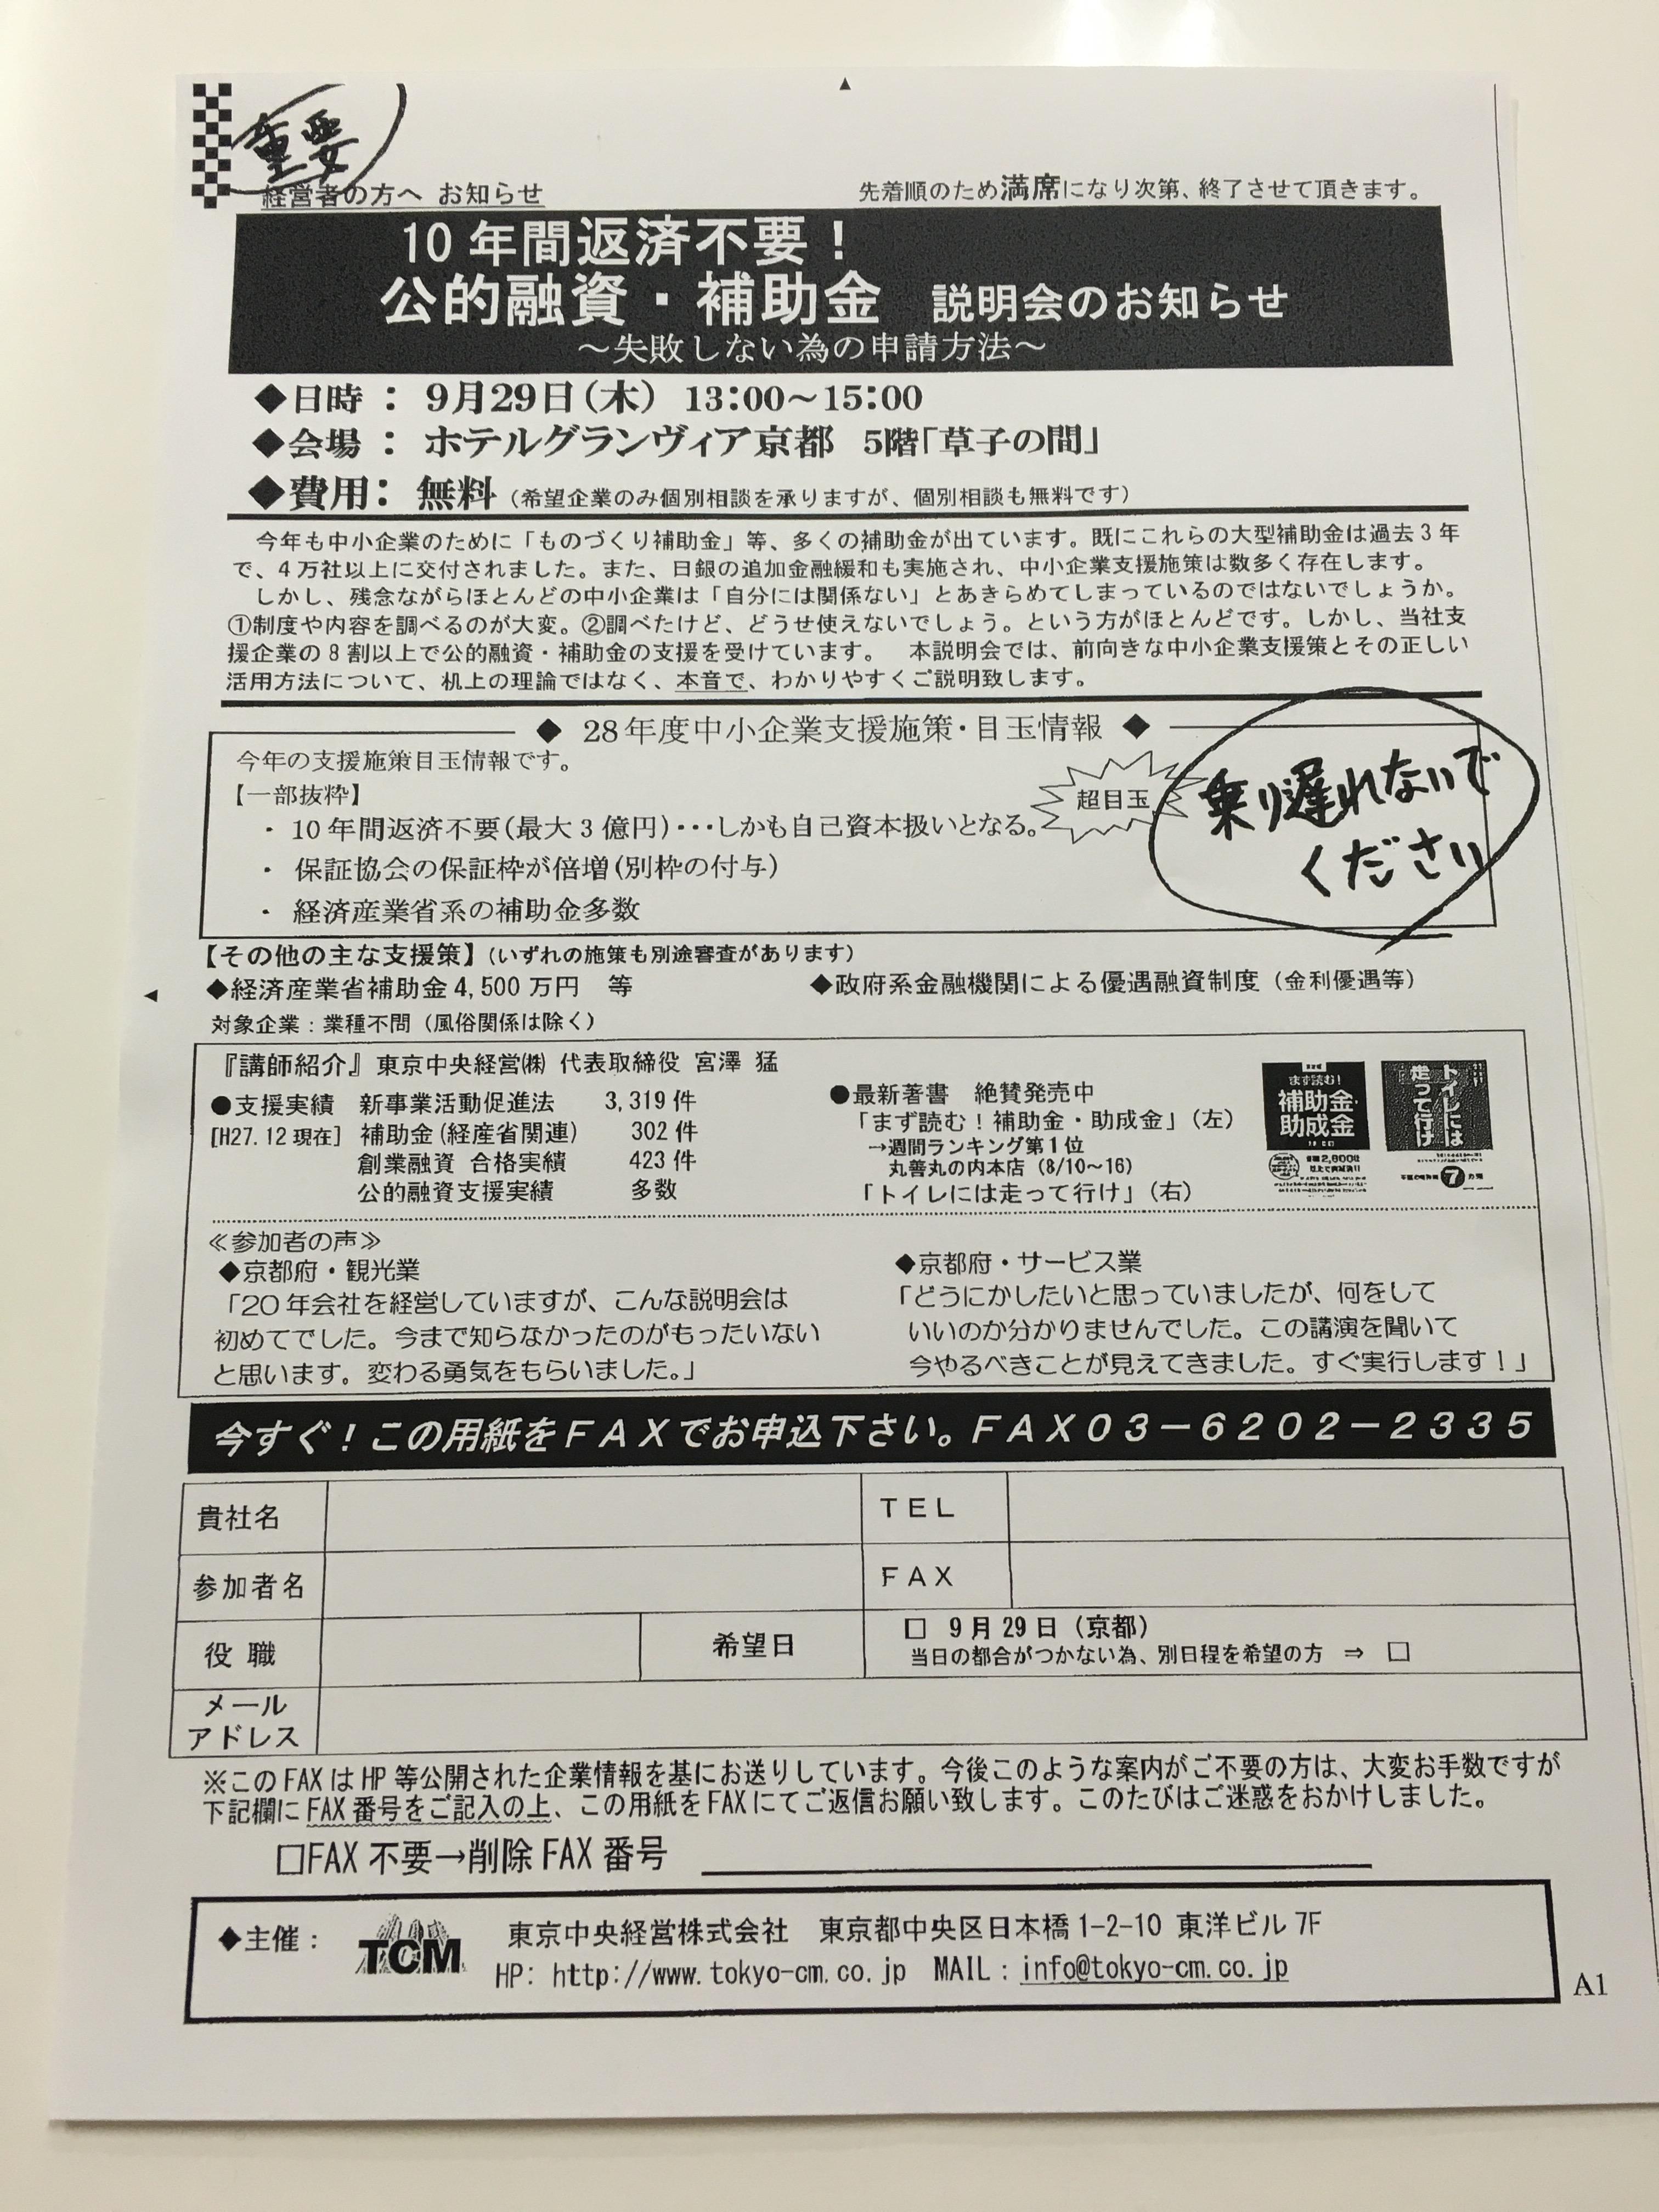 東京中央経営株式会社から公的融資・補助金説明会のFAXが届きました!